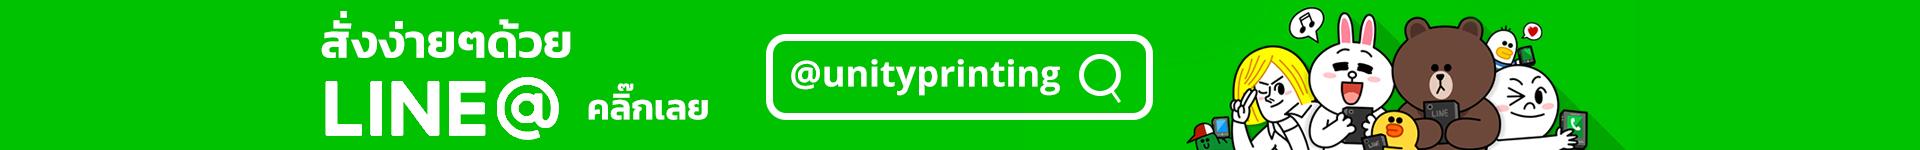 ช่องทางการติดต่อผ่านline@ @unityprinting